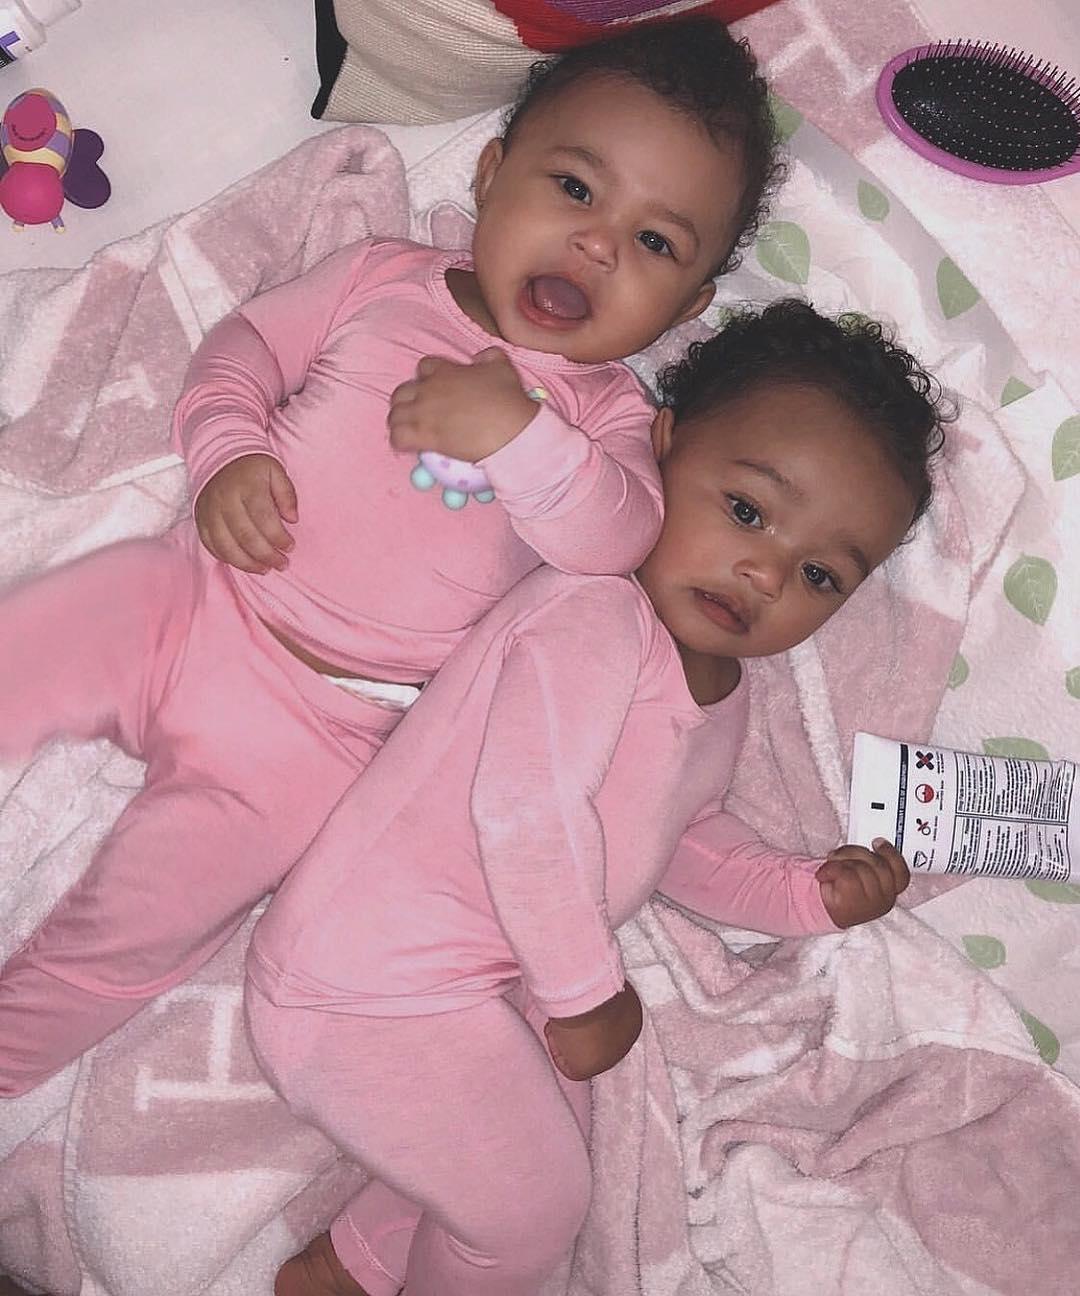 Эти звезды фотошопят своих детей, чтобы сделать их красивее